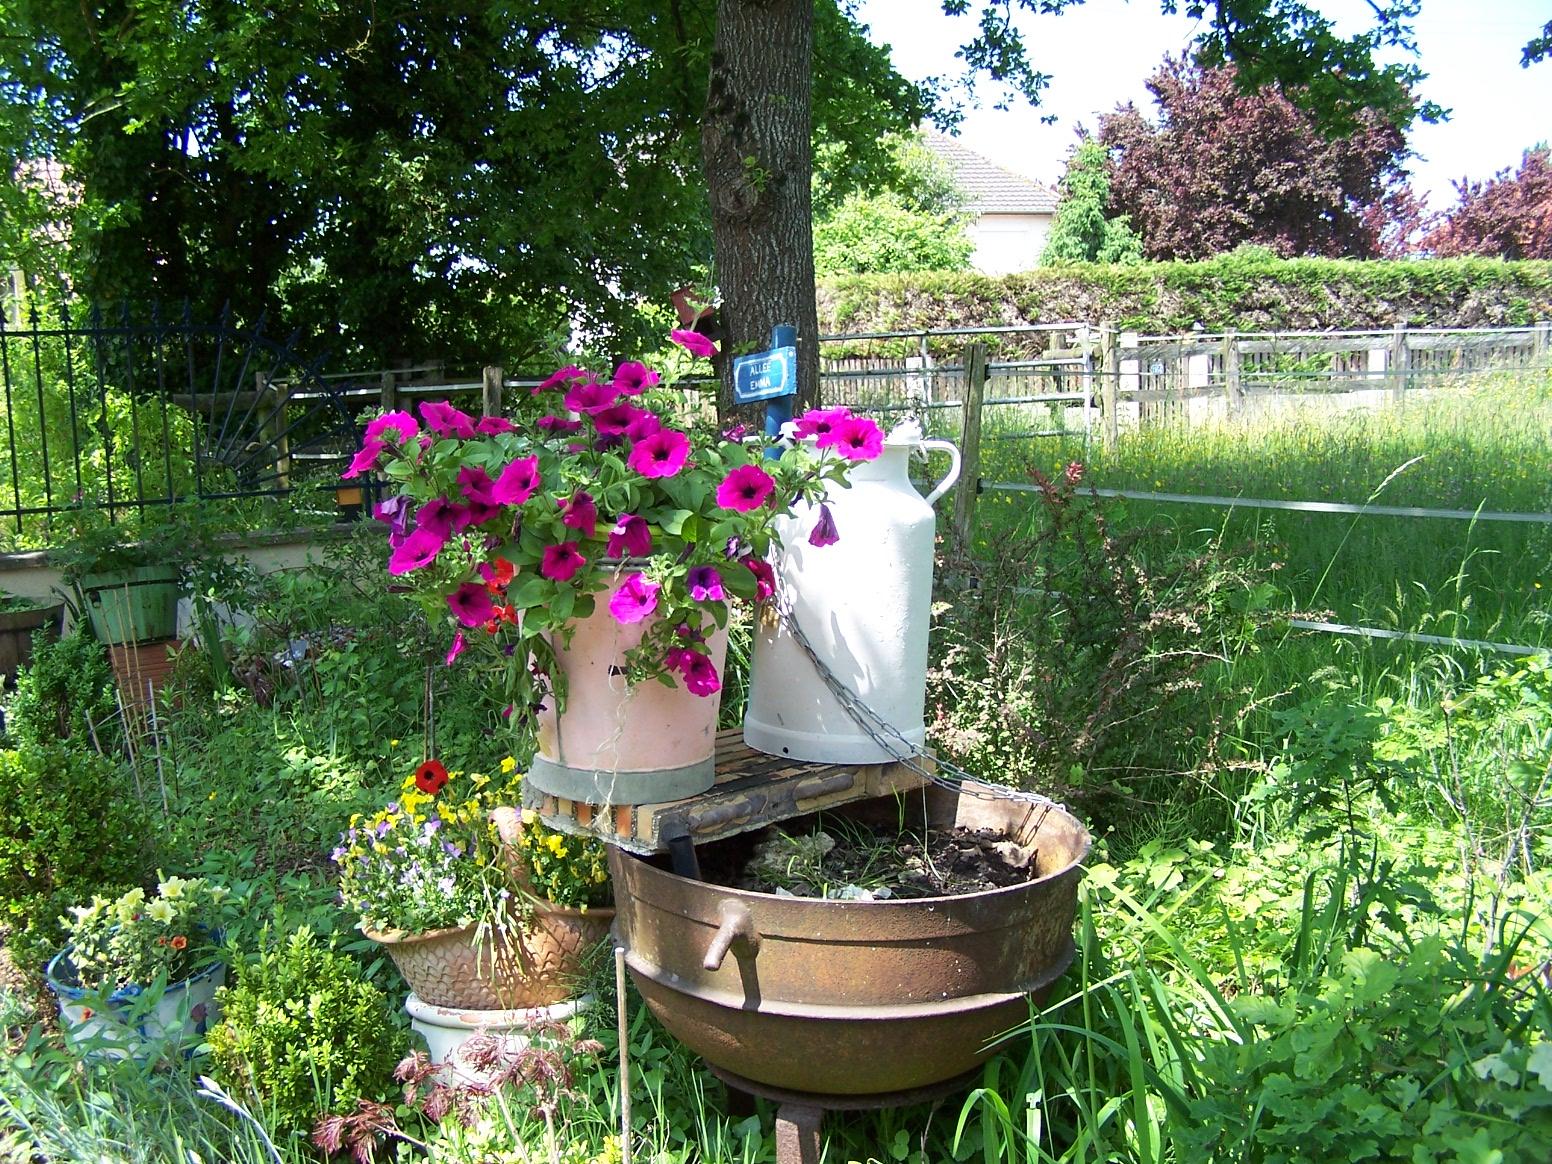 Fleurs pour jardini re plein soleil - Fleurs pour jardiniere plein soleil ...